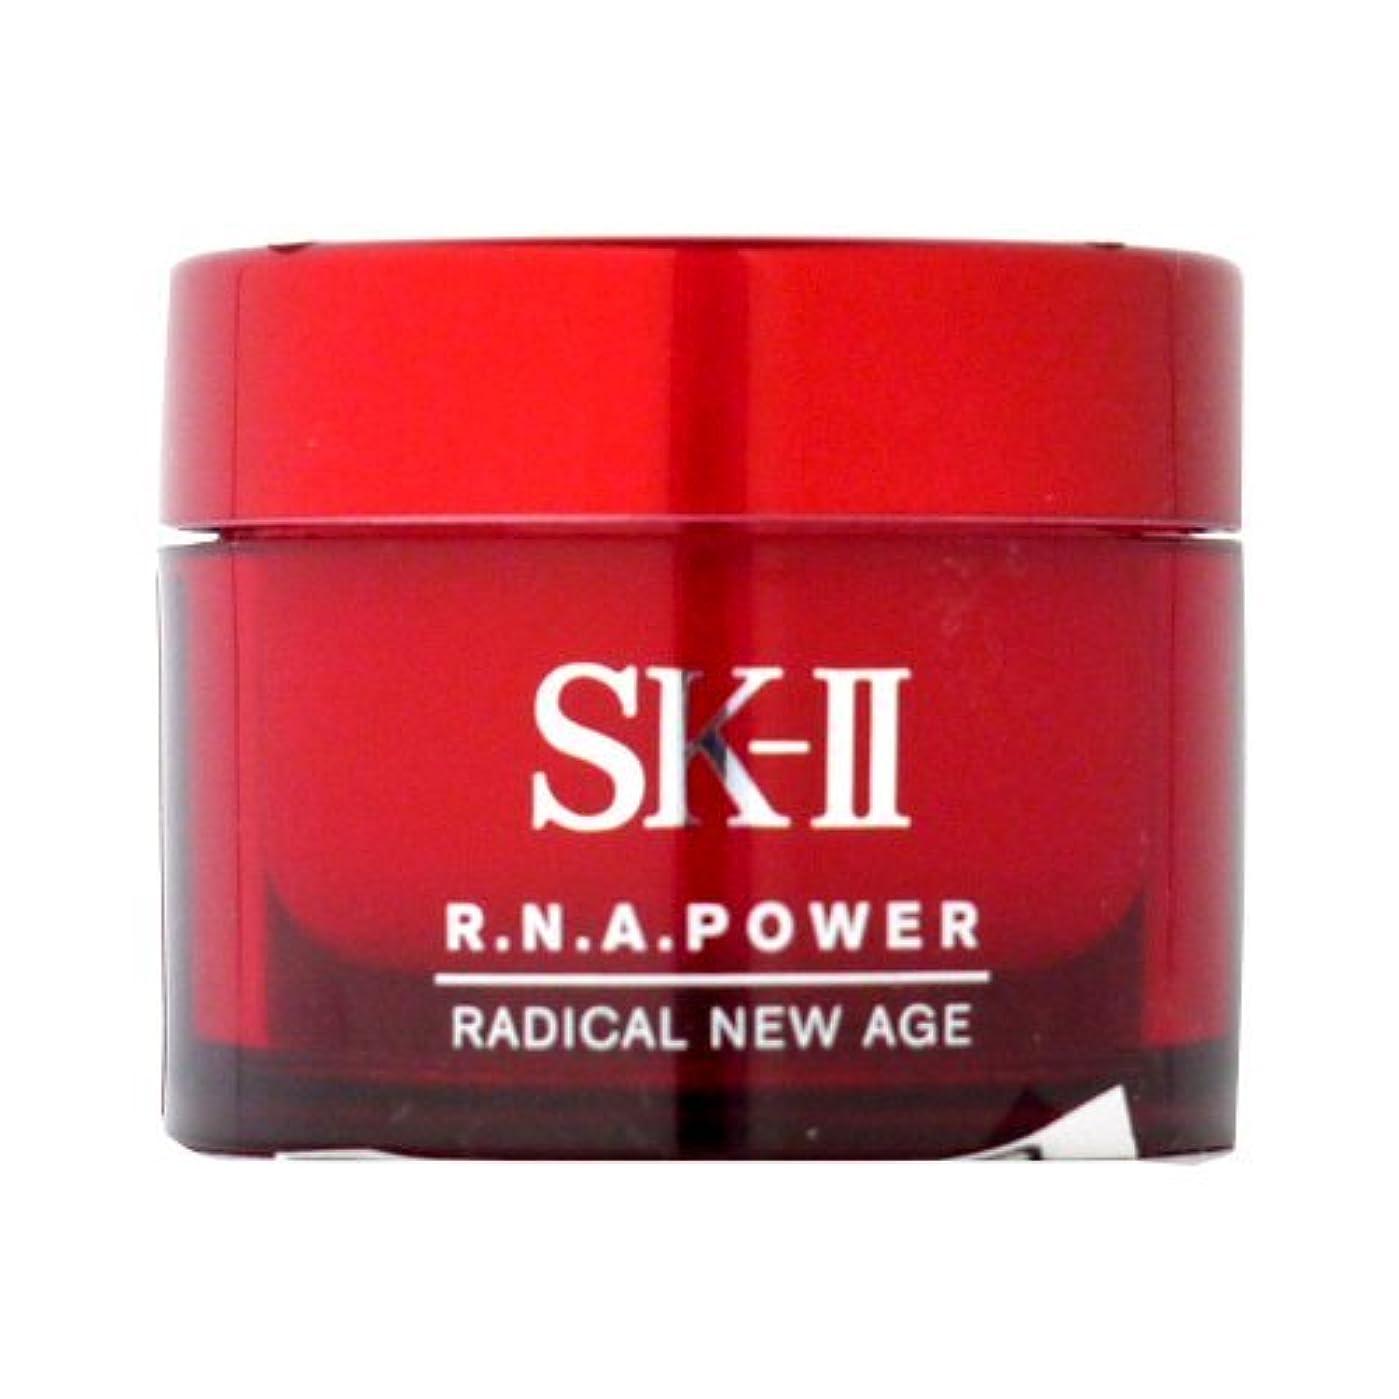 きつく最も受賞SK-II R.N.A. パワー ラディカル ニュー エイジ 15g 並行輸入品